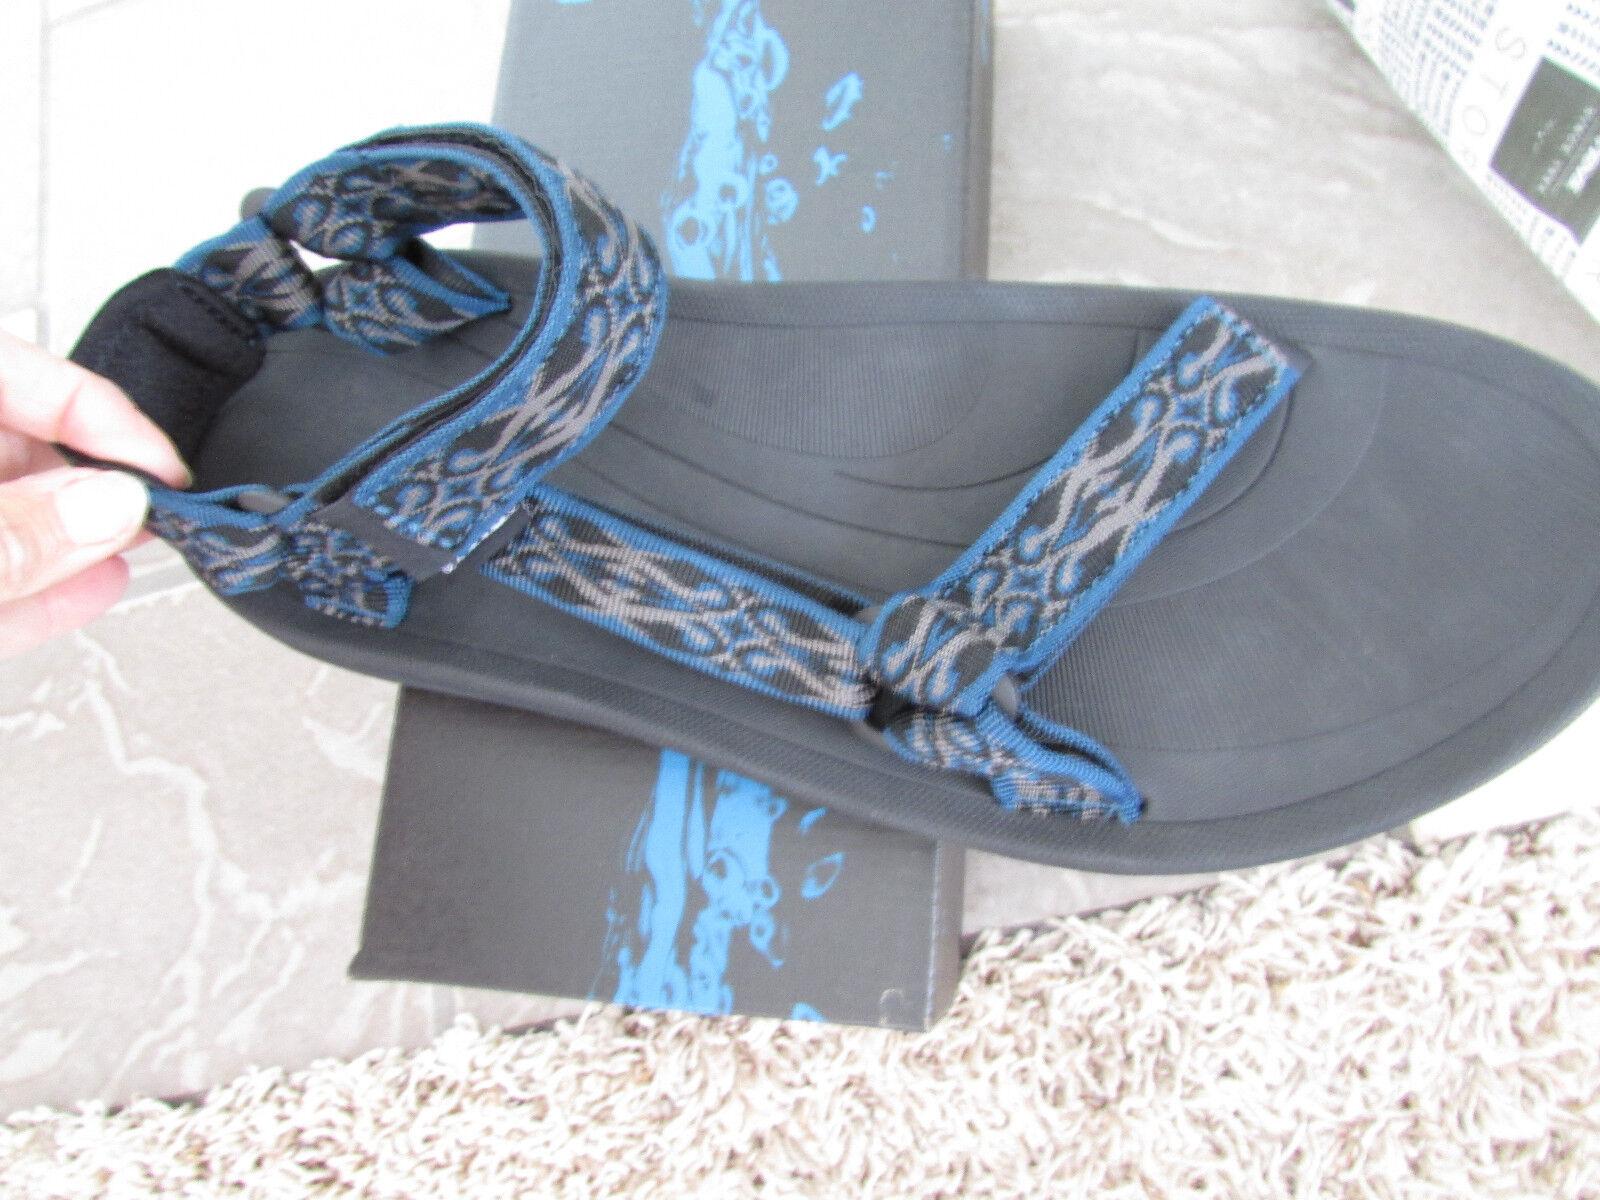 NEW TEVA M TORIN blueE SANDALS MENS 14 HIKING BIKING TRAIL SANDALS